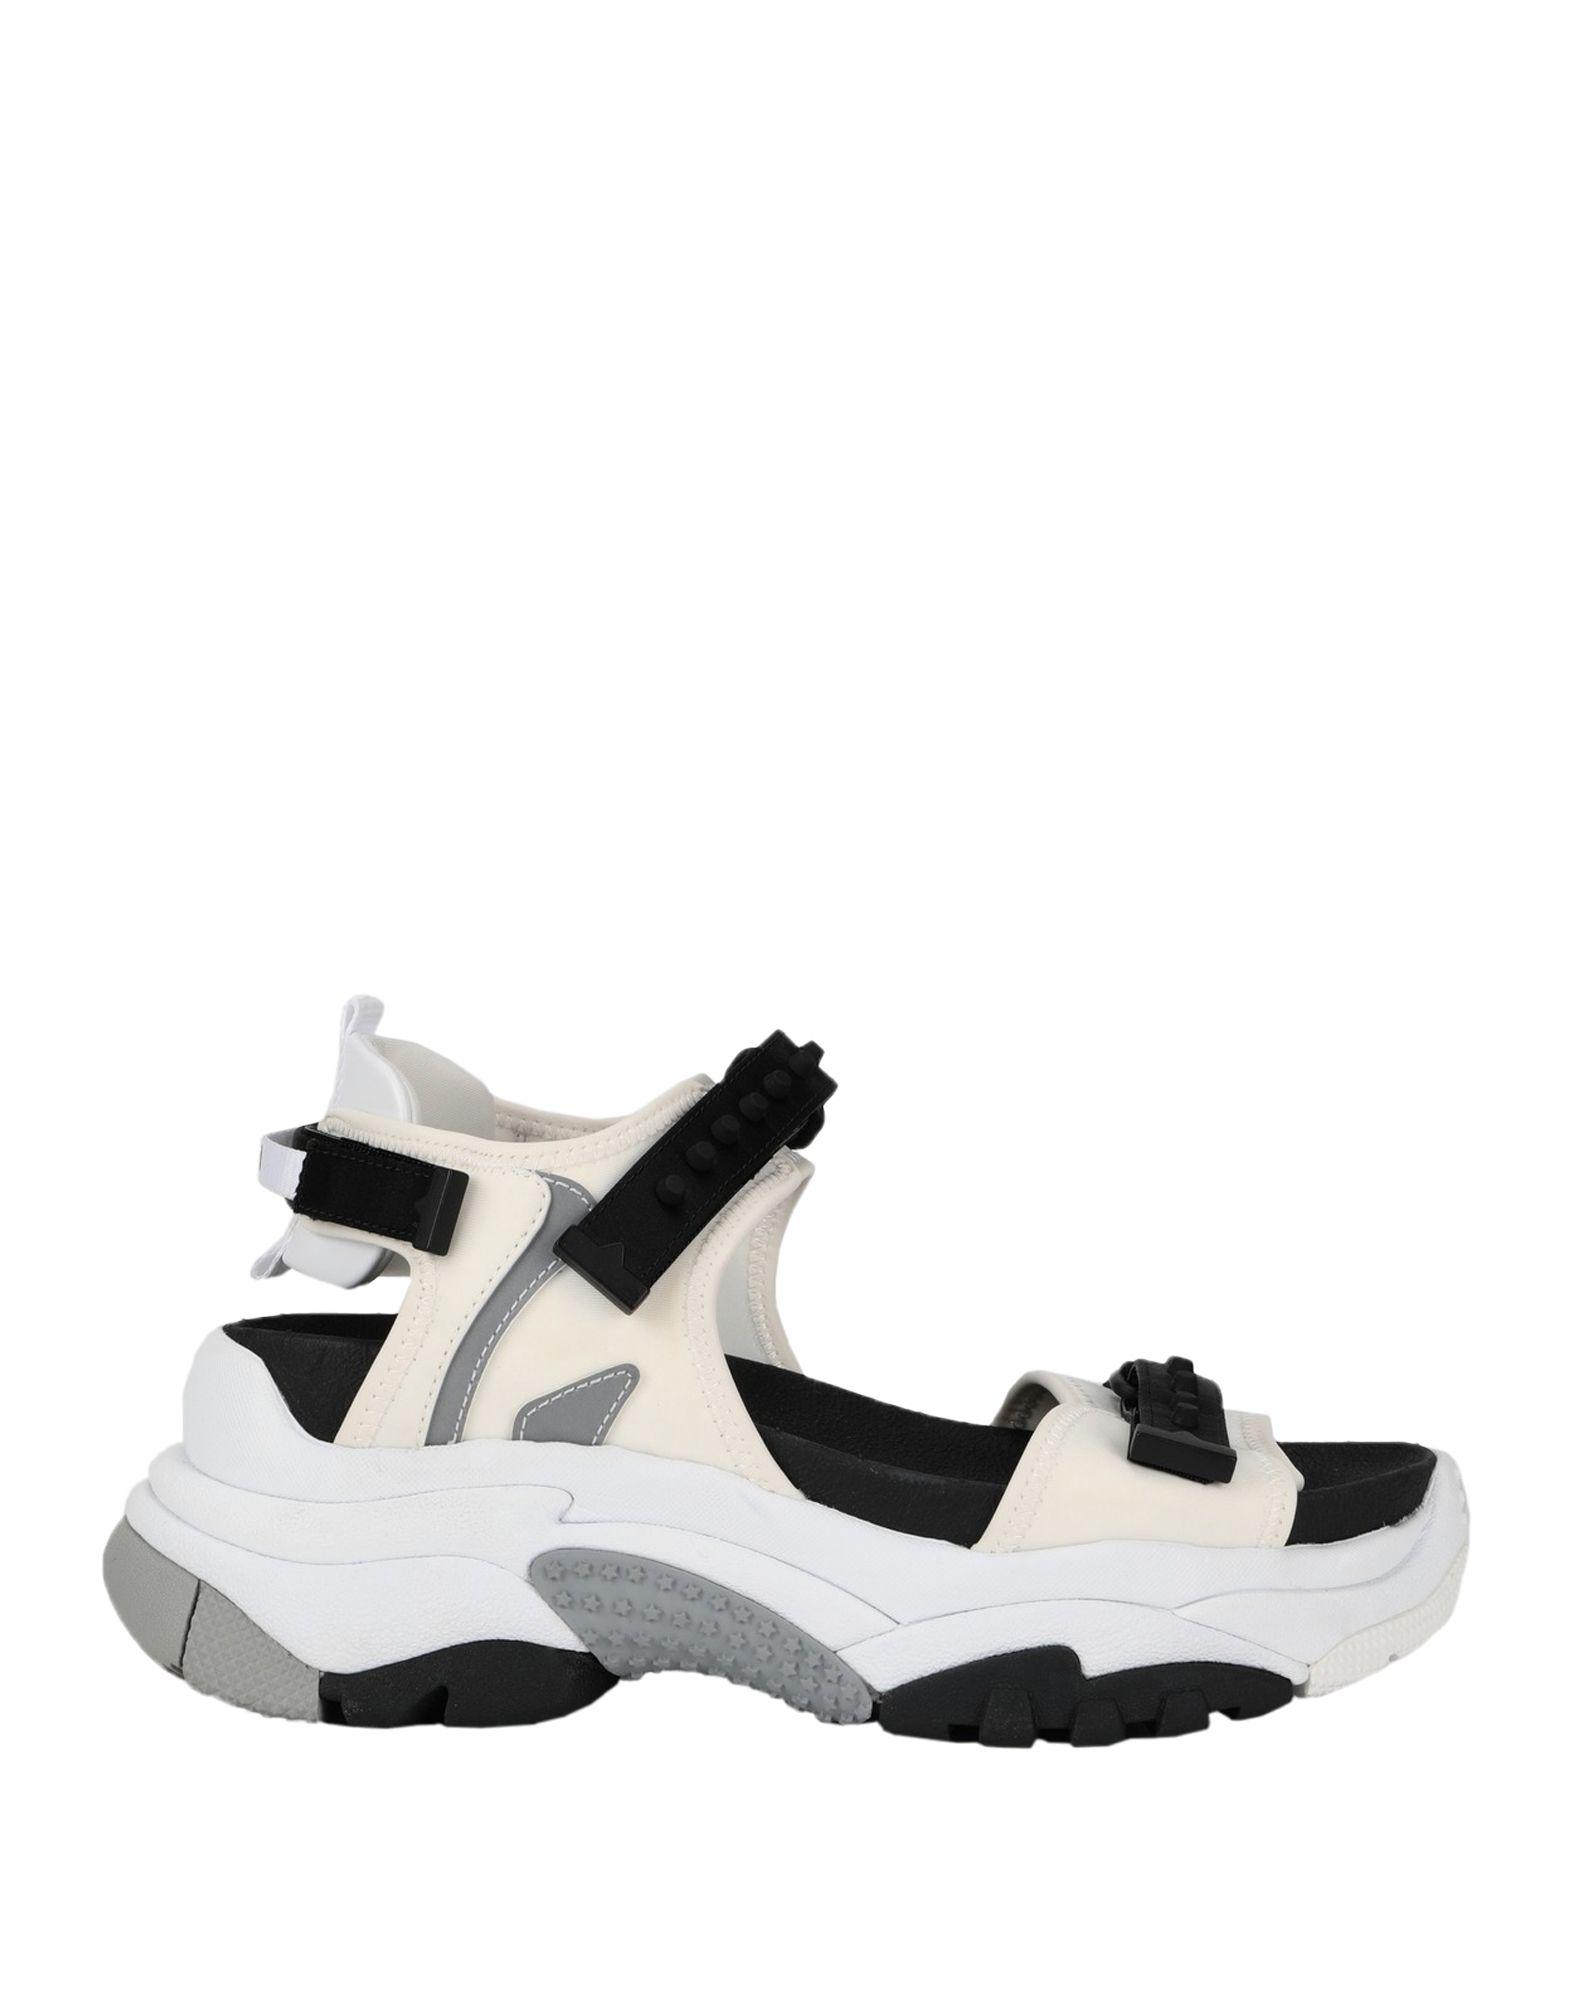 скальные туфли детские купить в москве